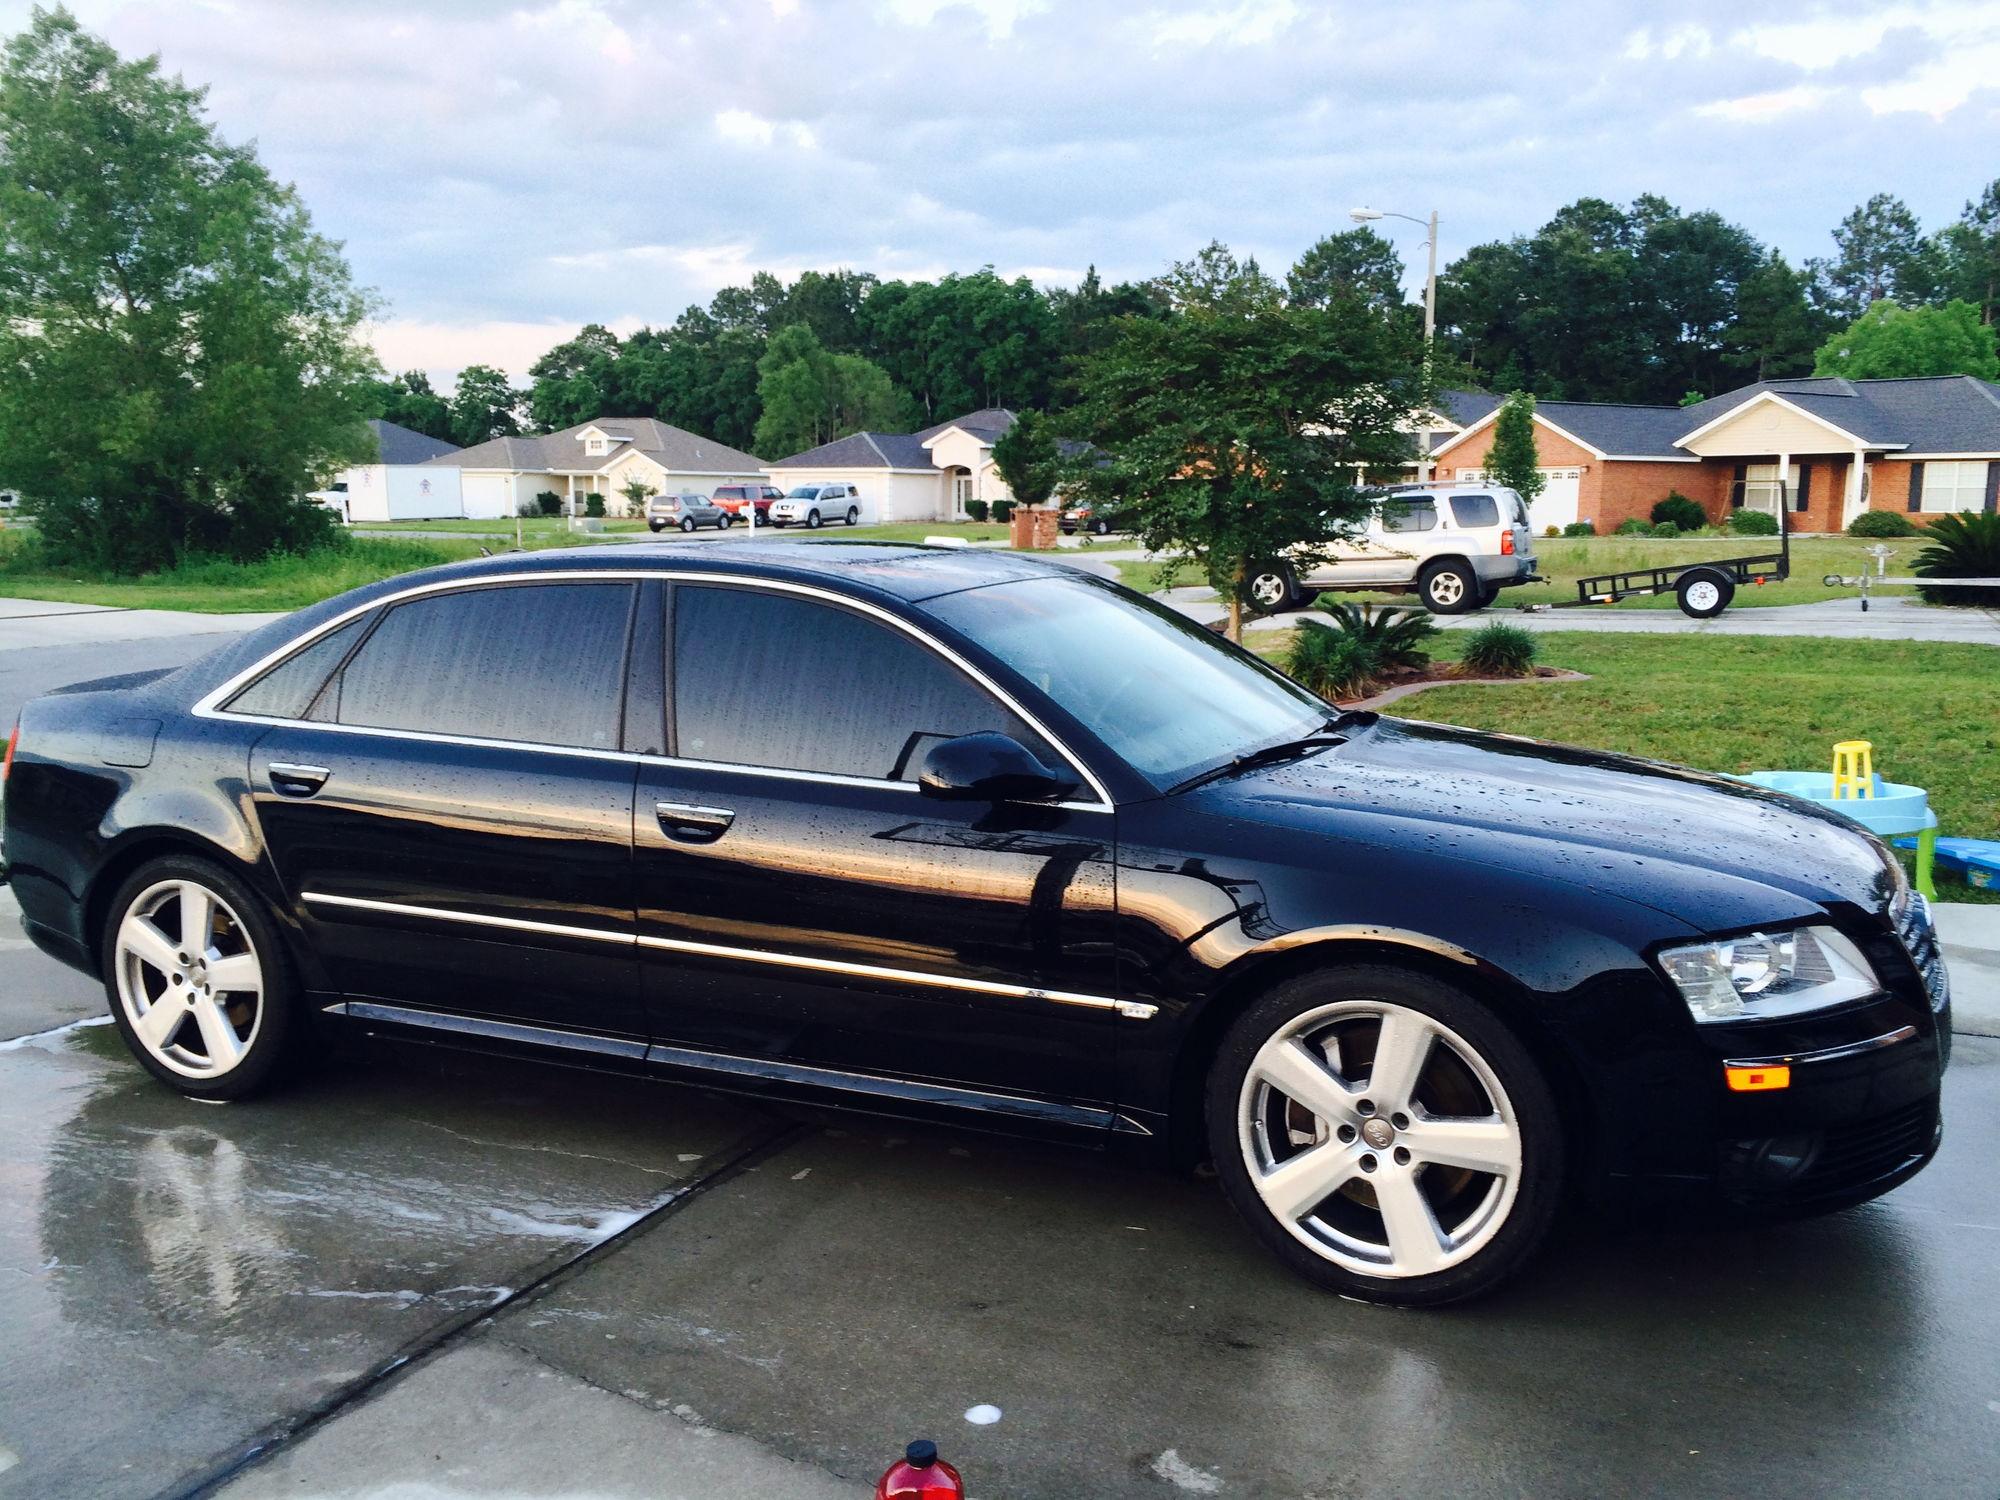 I Am Audi The Audi World Audi Adaptive Cruise Control | Autos Post